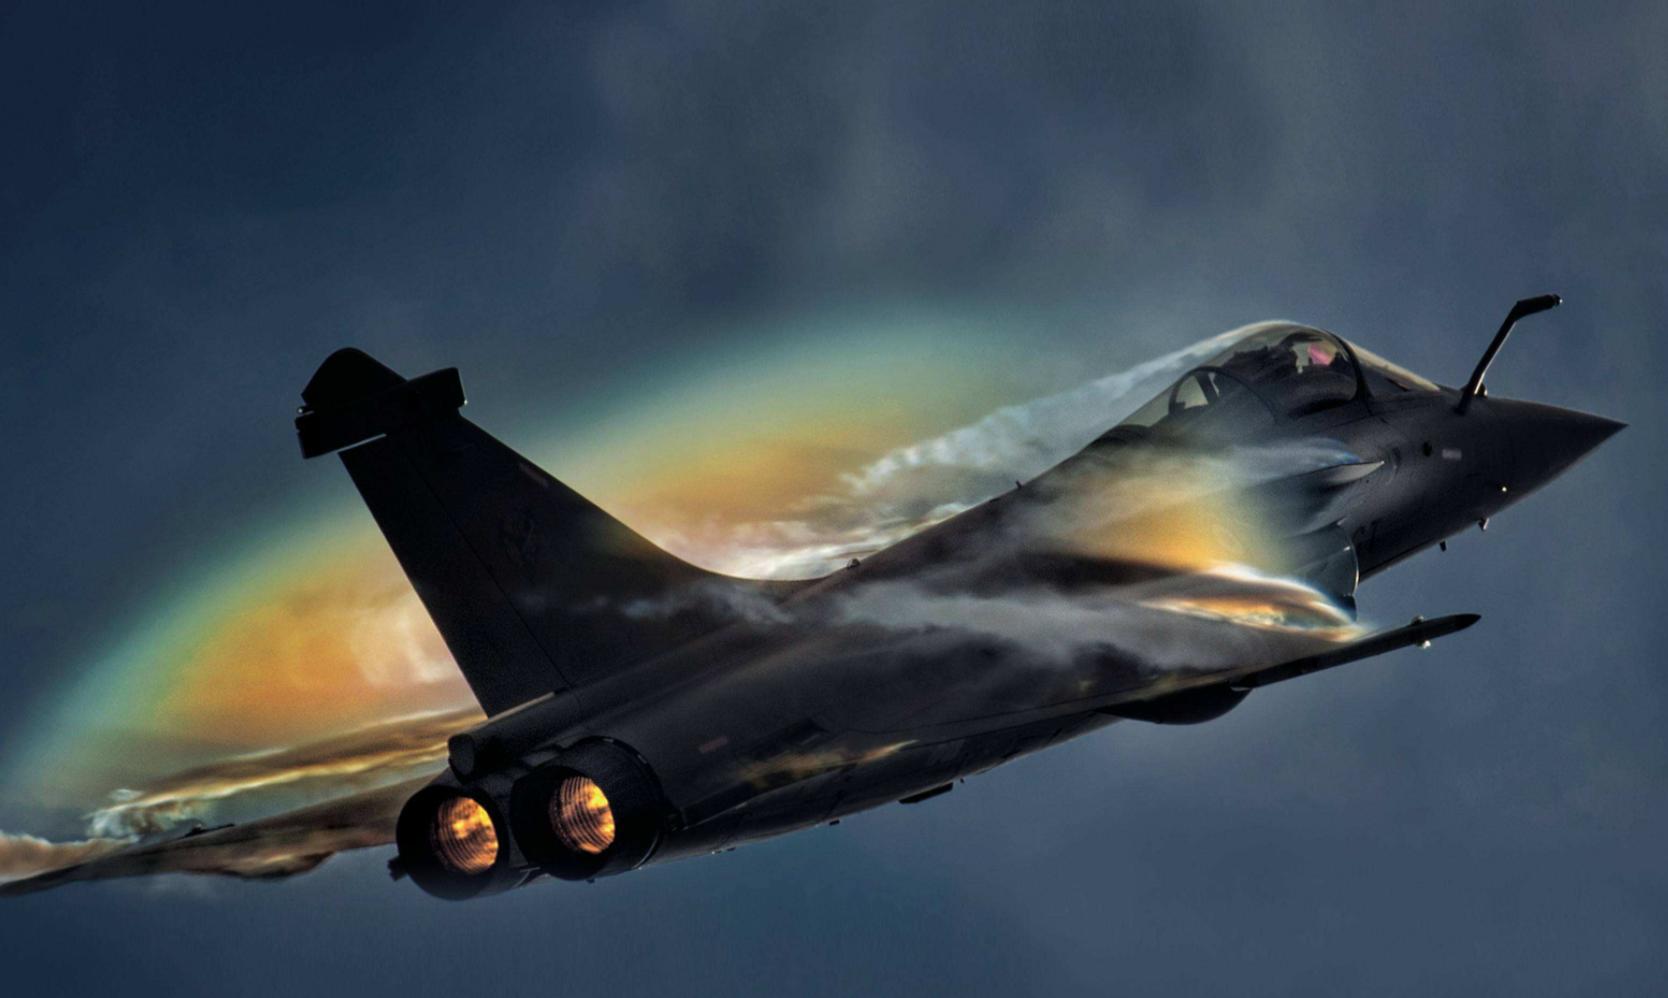 印度对阵风战斗机寄予厚望